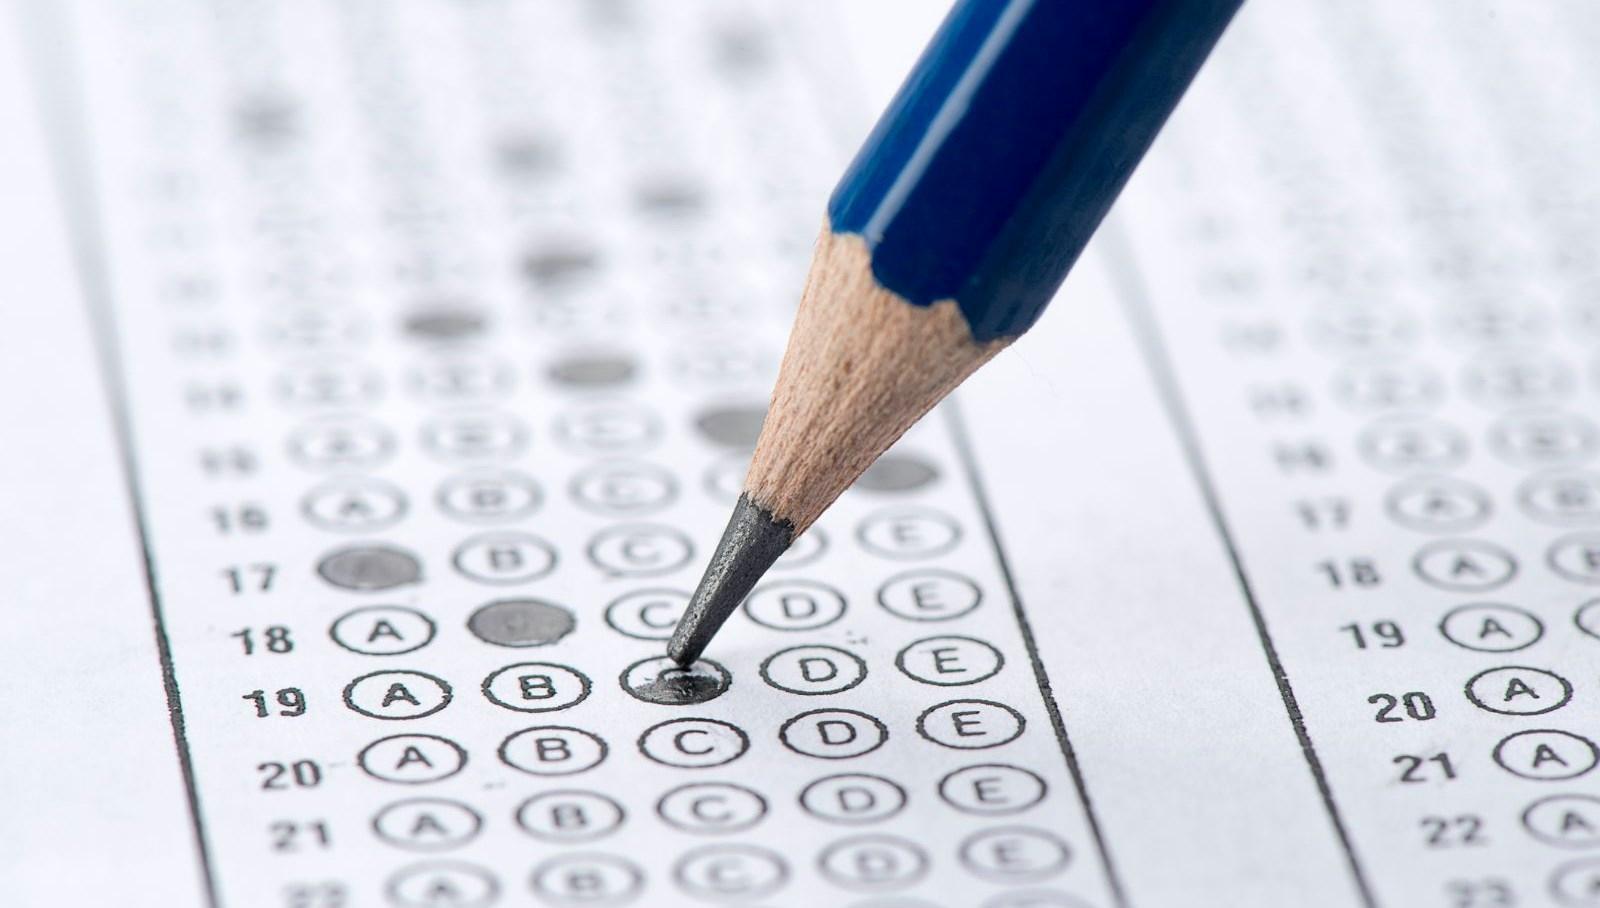 YKS başvuru şartları neler 2021? Üniversite sınavı başvuru için gerekli belgeler